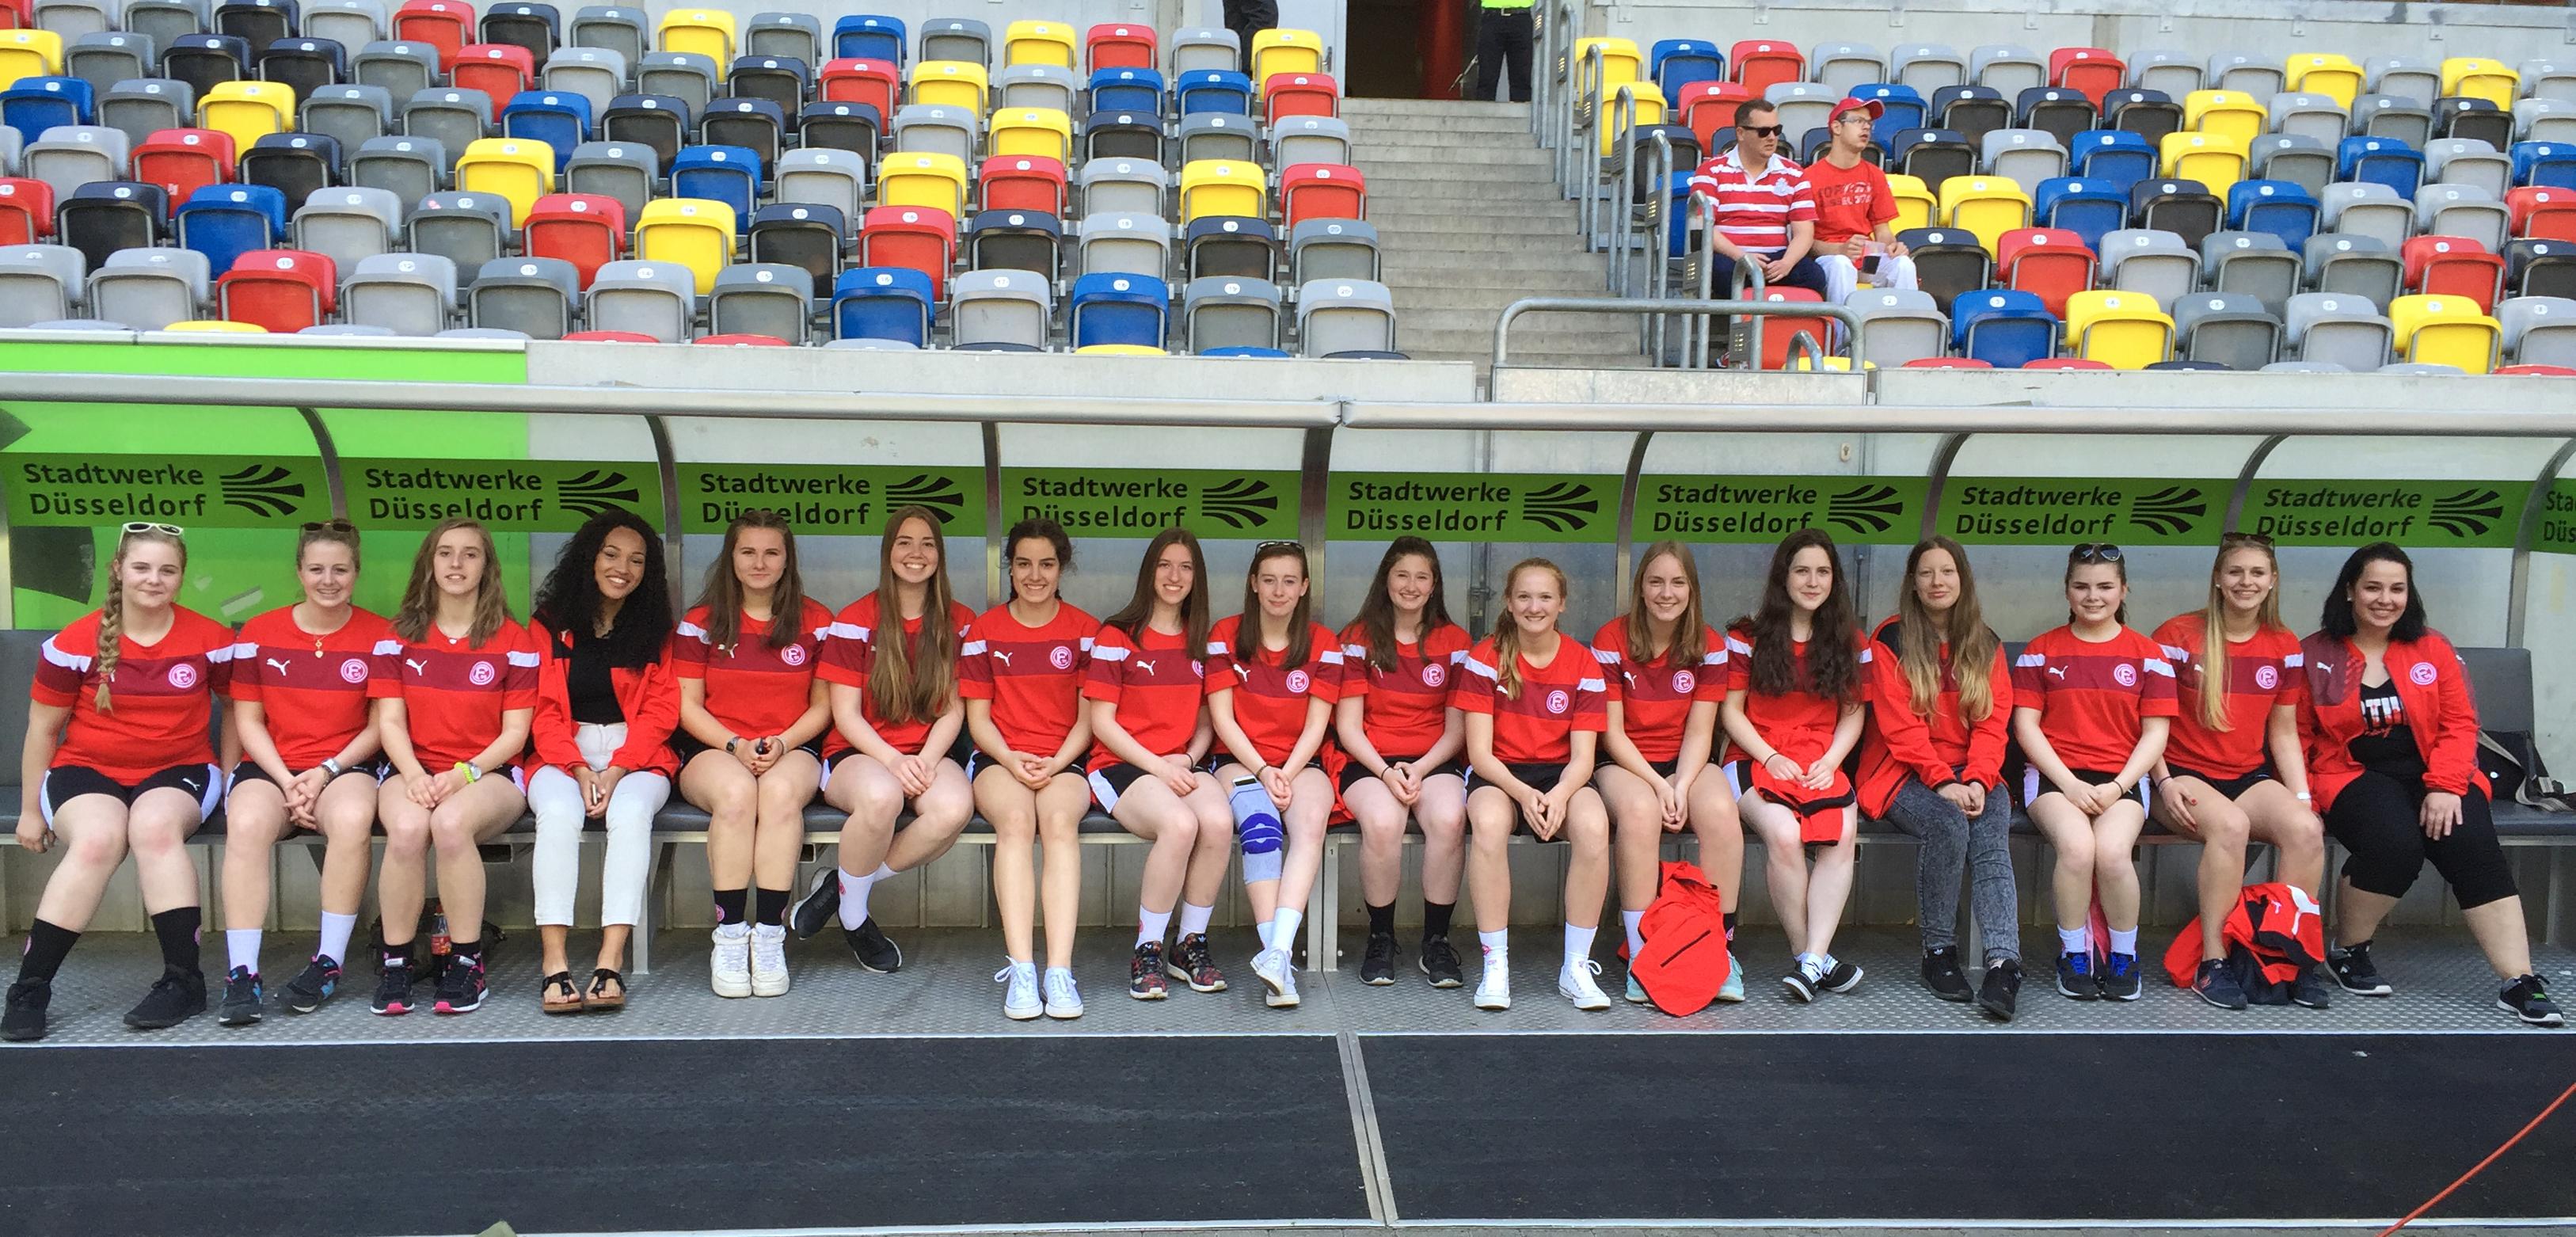 Nachwuchs Handballerinnen Besichtigen Esprit Arena Und Bejubeln 10